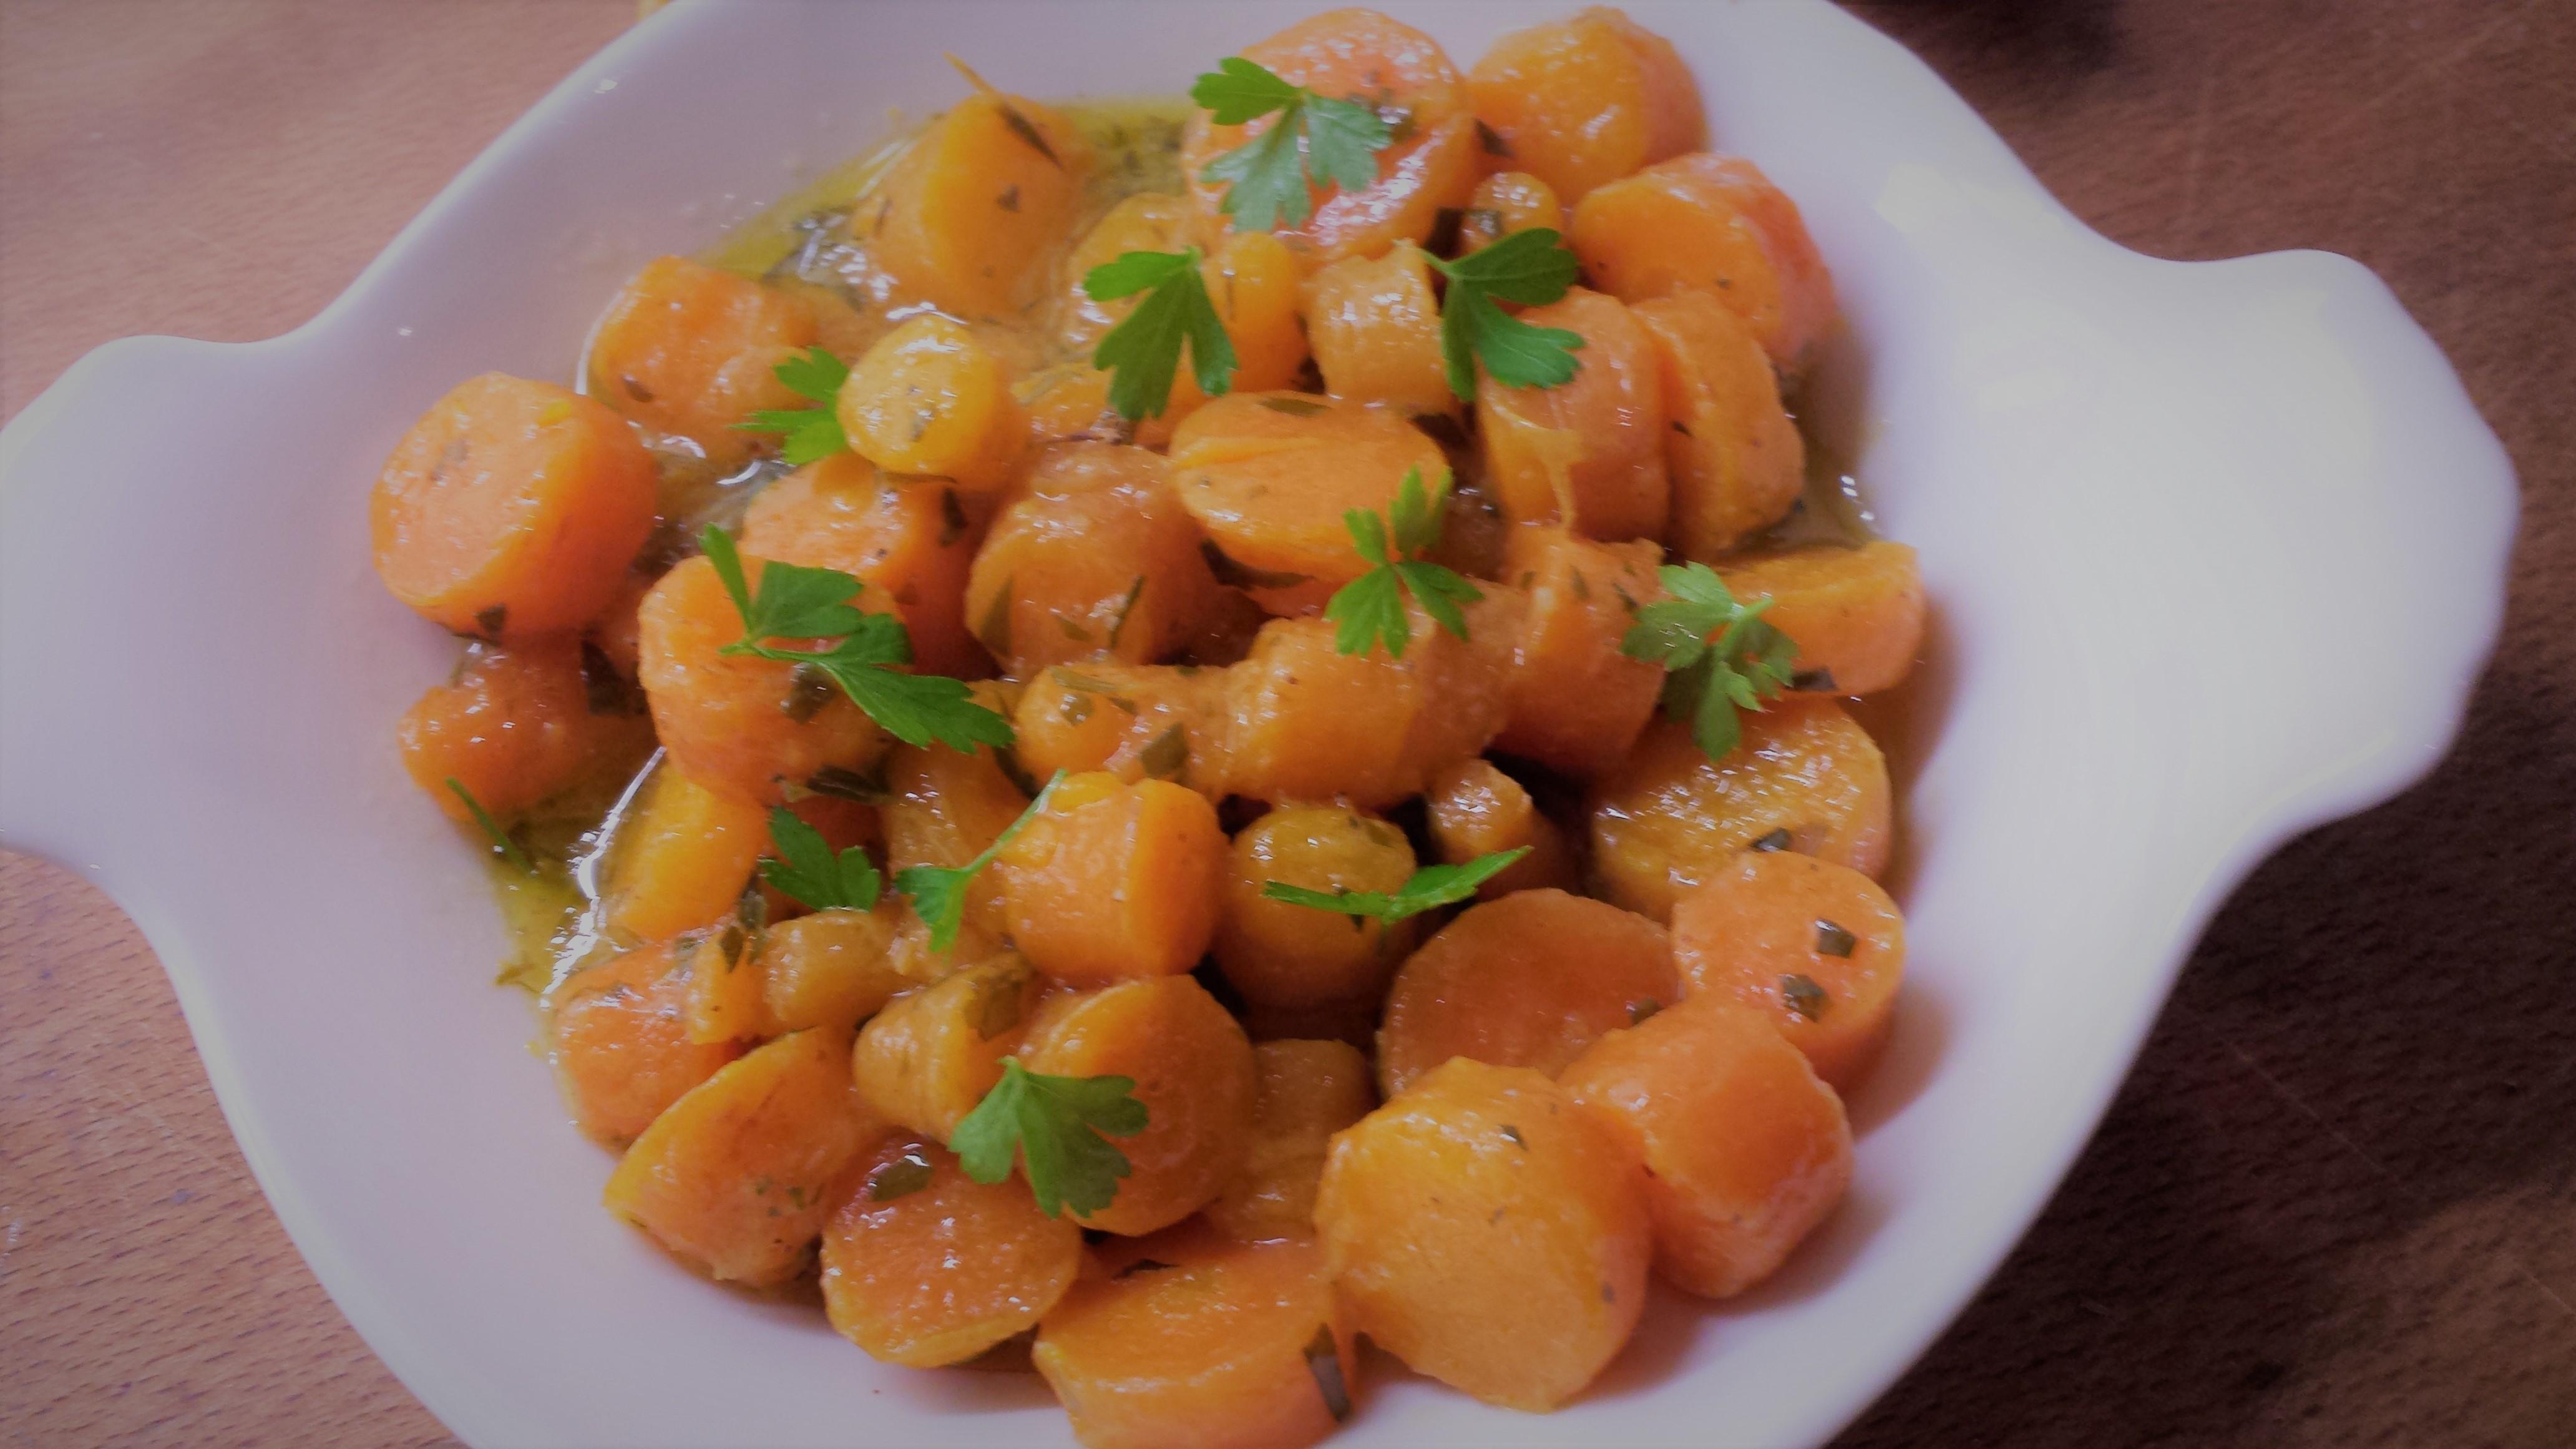 Carrots à la Fermière, Farmers Carrots